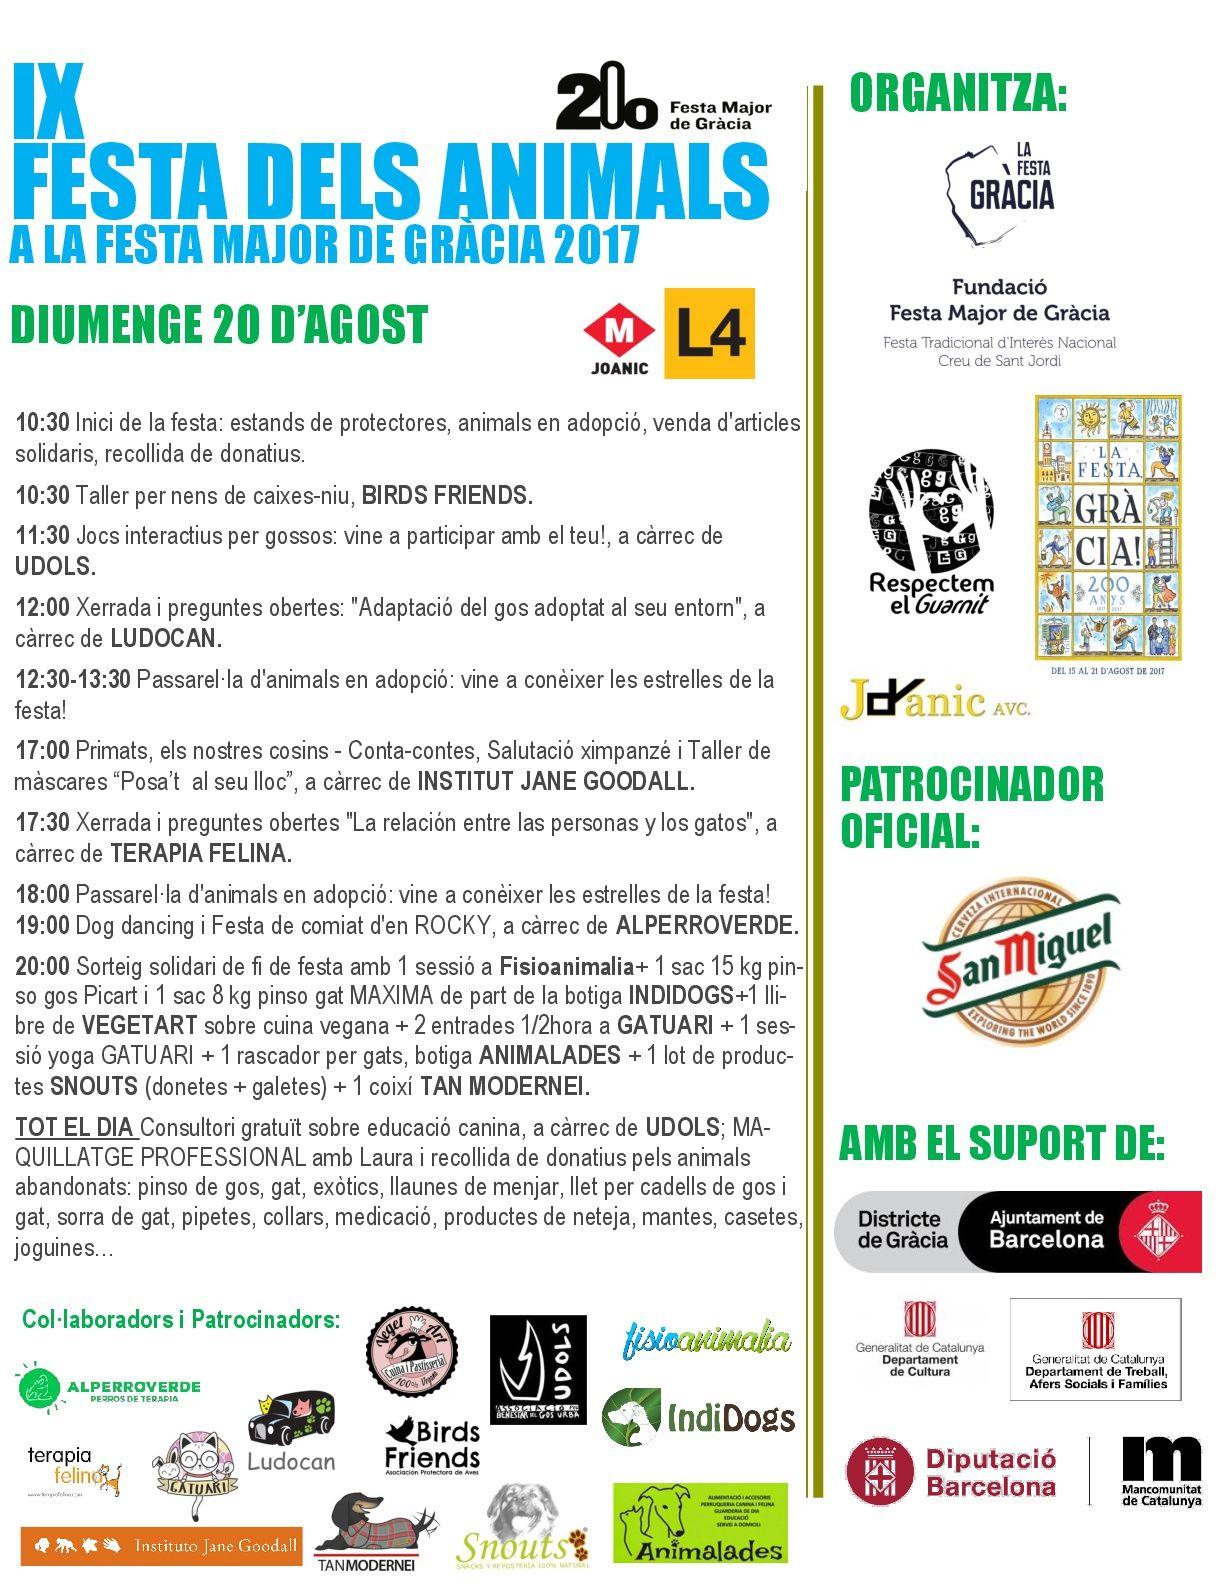 CARTELL DIUMENGE 20-08-17 - FESTA DELS ANIMALS GRACIA-001 (1)